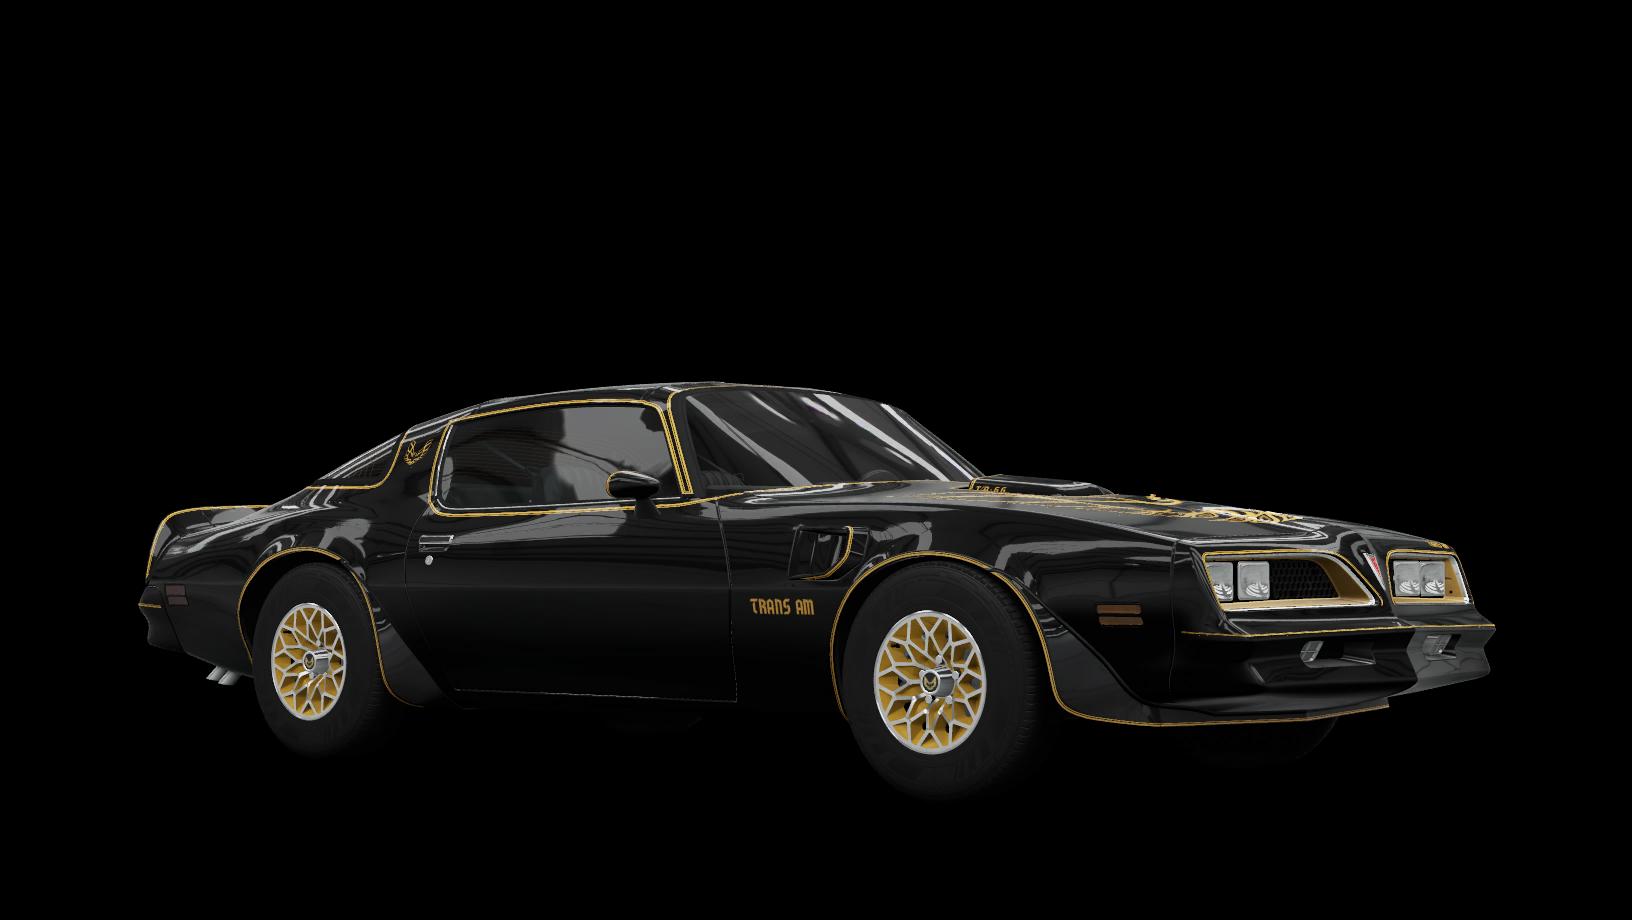 Pontiac Firebird Trans Am (1977)